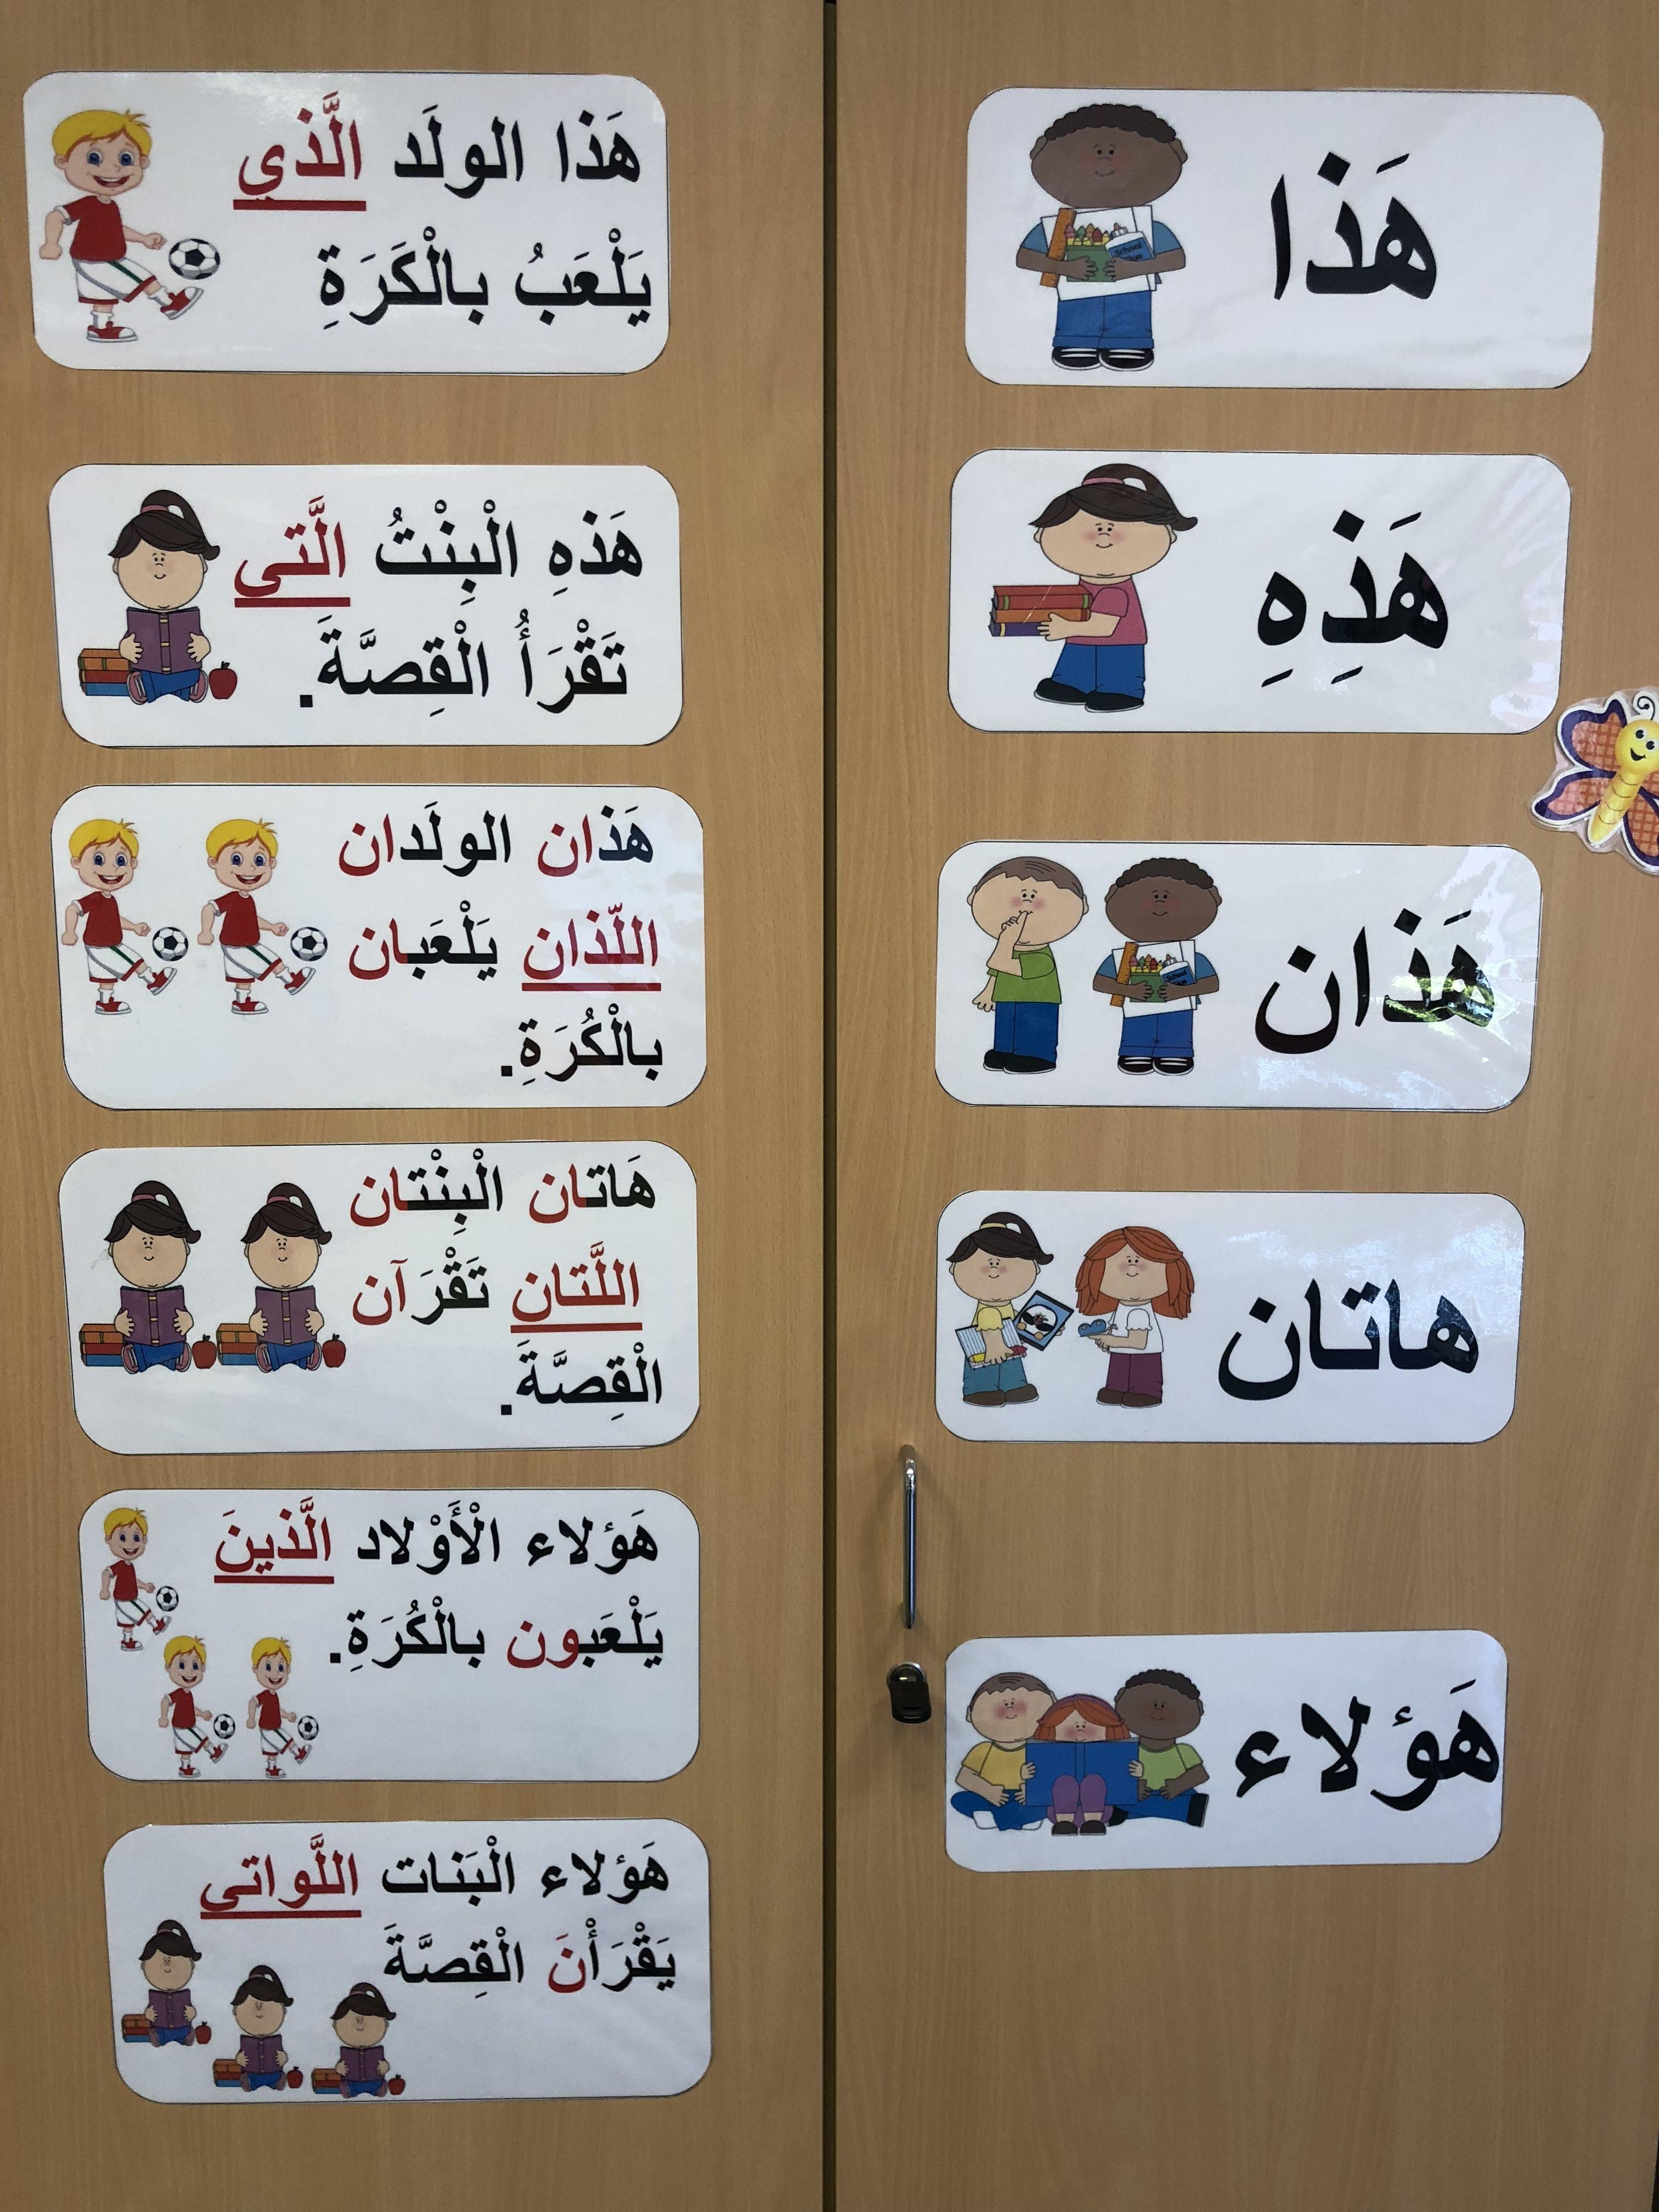 صور تمارين حول ال الشمسية وال القمرية كيف يمكن التمييز بين ال الشمسيه و ال القمريه Learn Arabic Alphabet Learning Arabic Arabic Alphabet